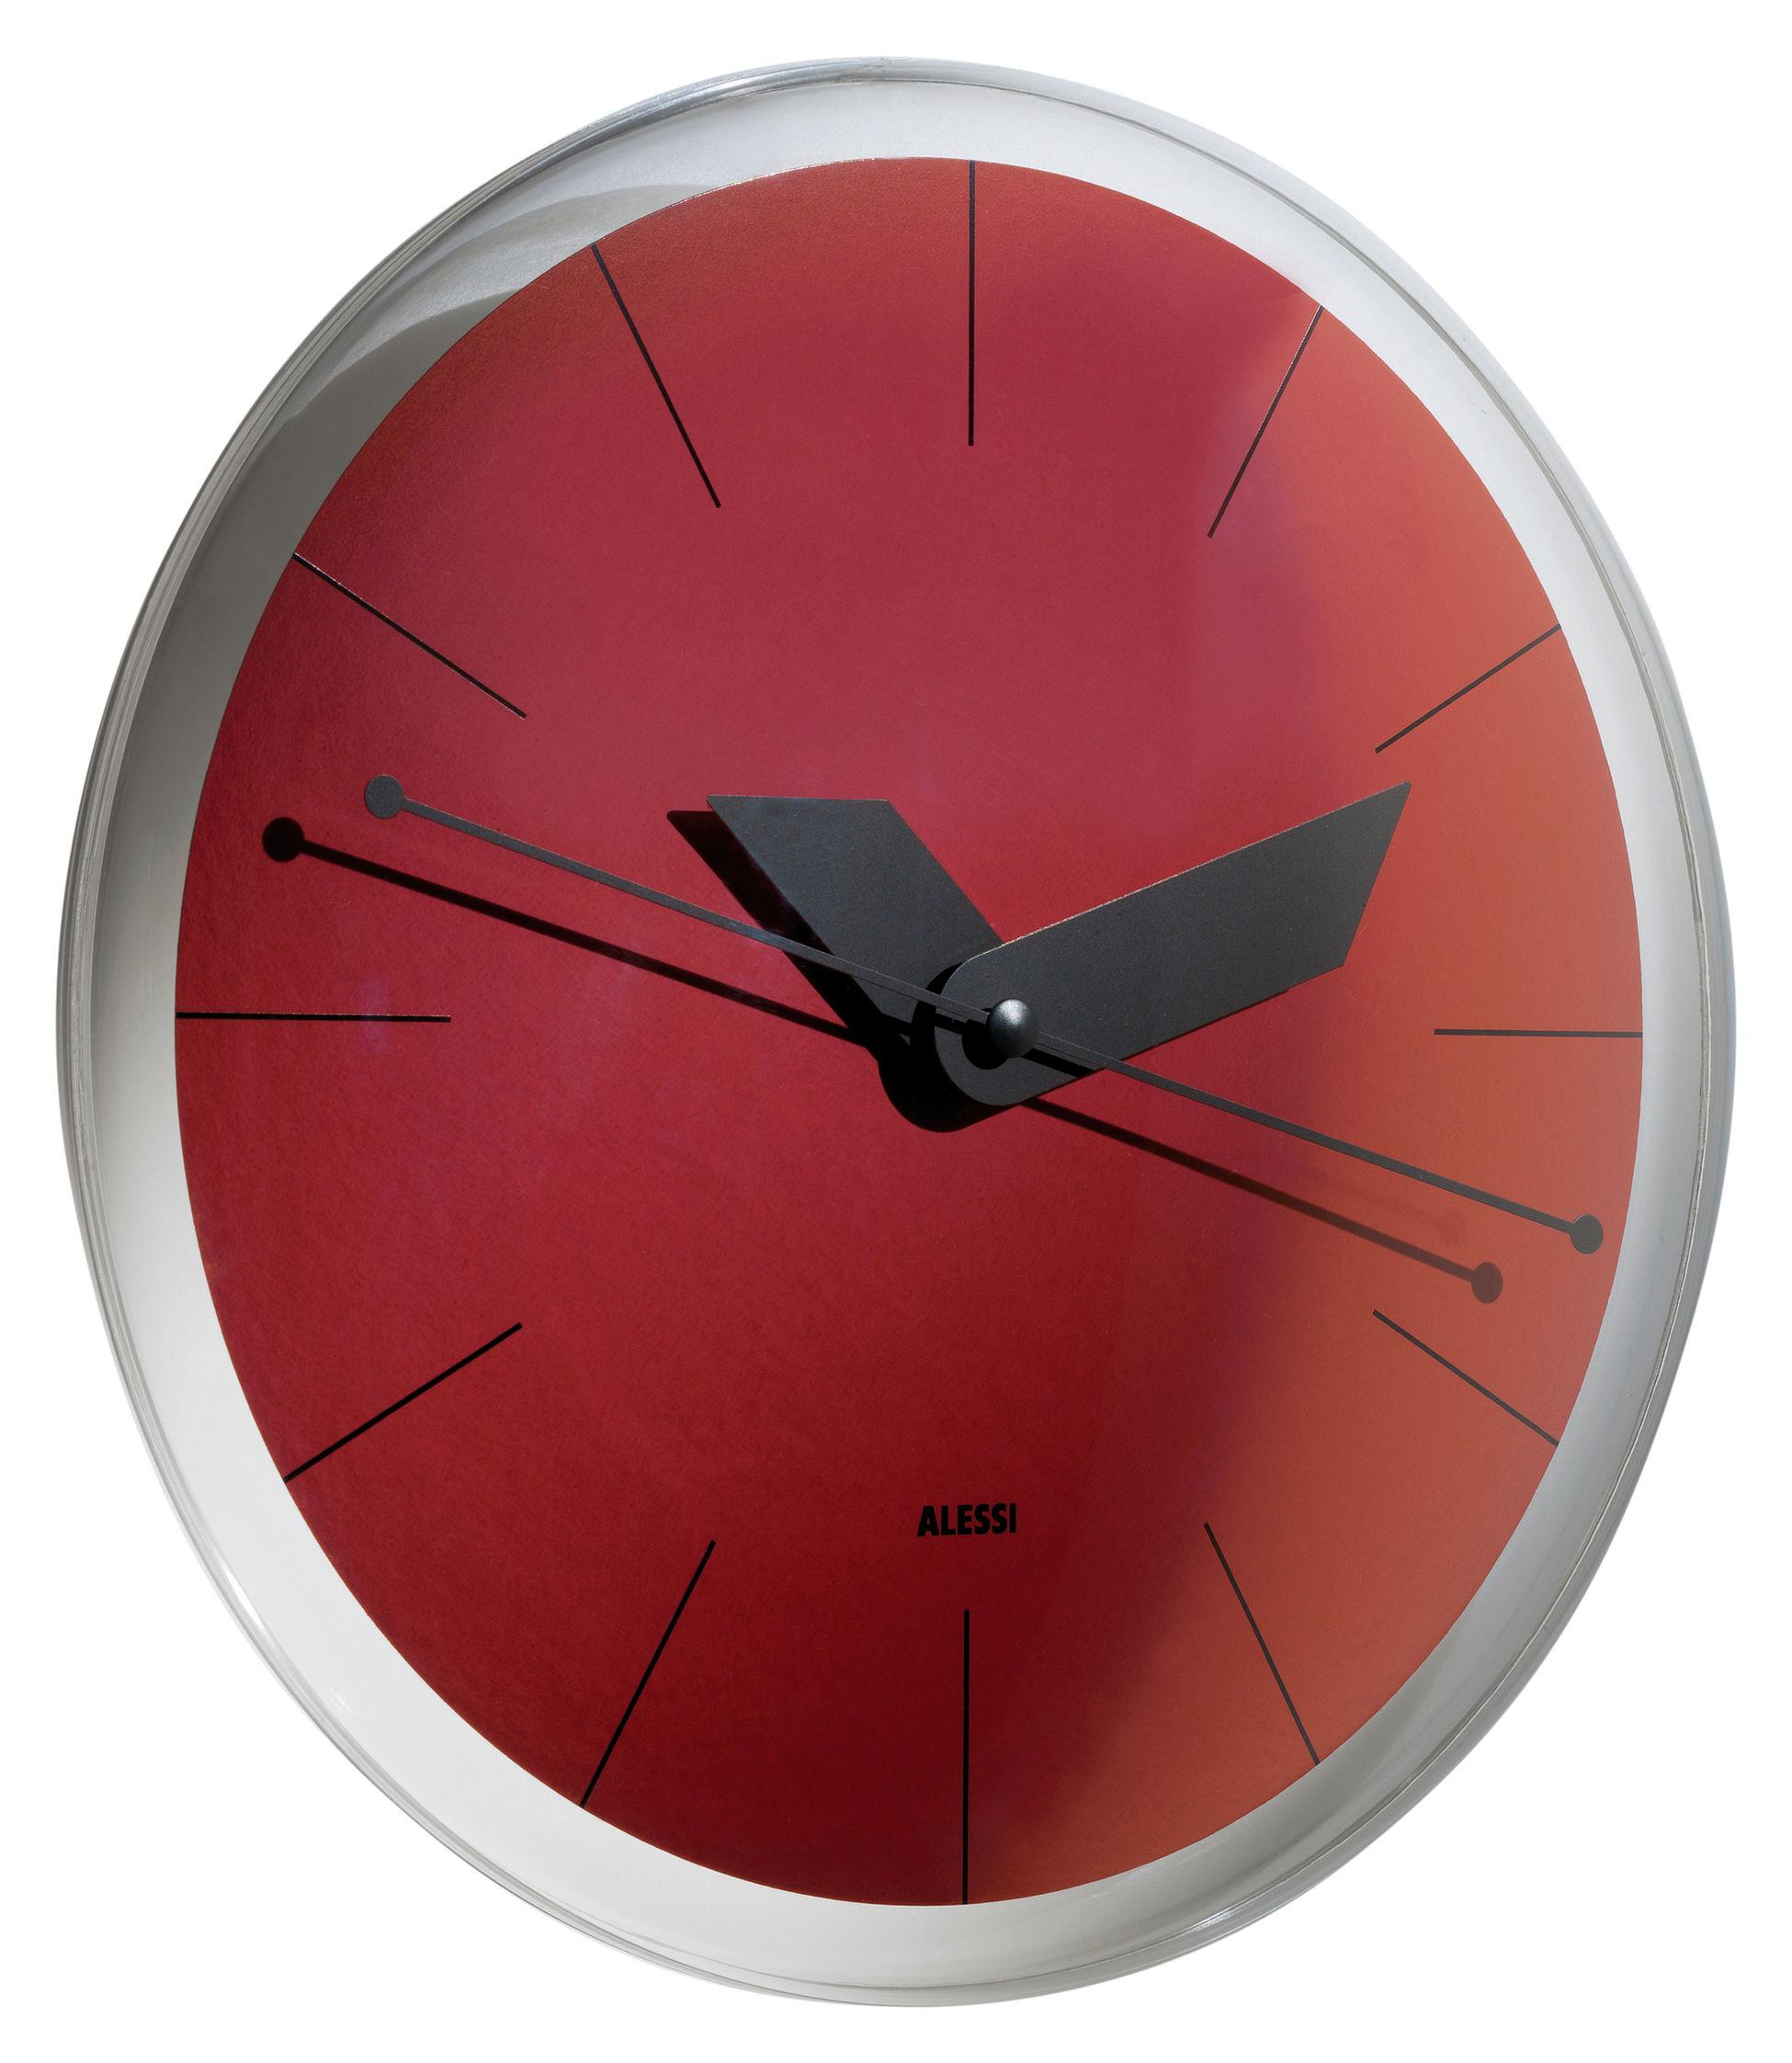 horloge murale sole rouge alessi. Black Bedroom Furniture Sets. Home Design Ideas